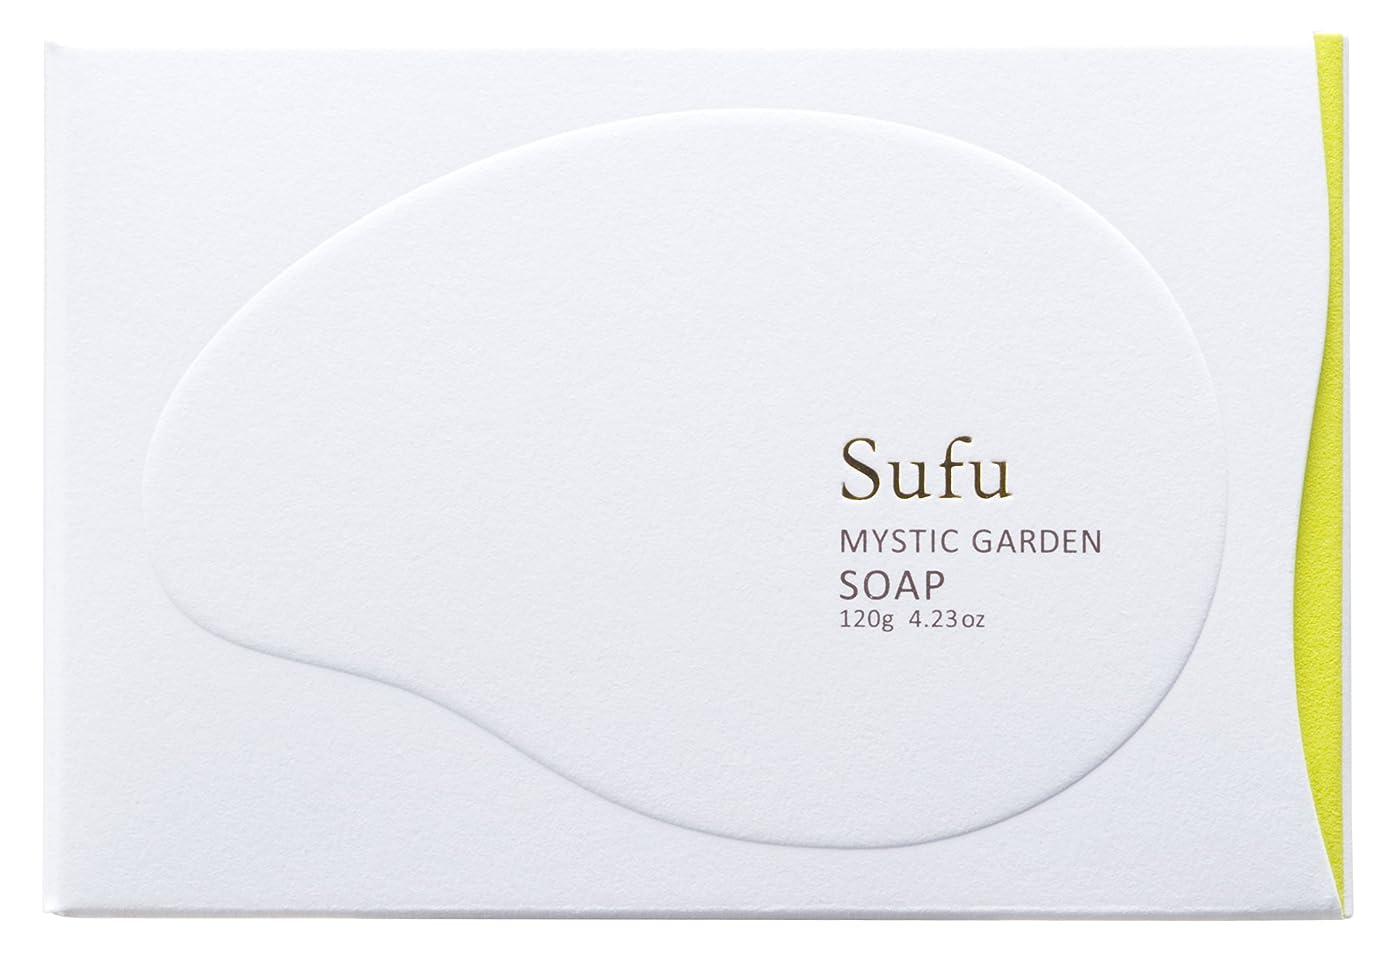 減る戦士合理的ペリカン石鹸 Sufu ソープ ミスティックガーデン 120g